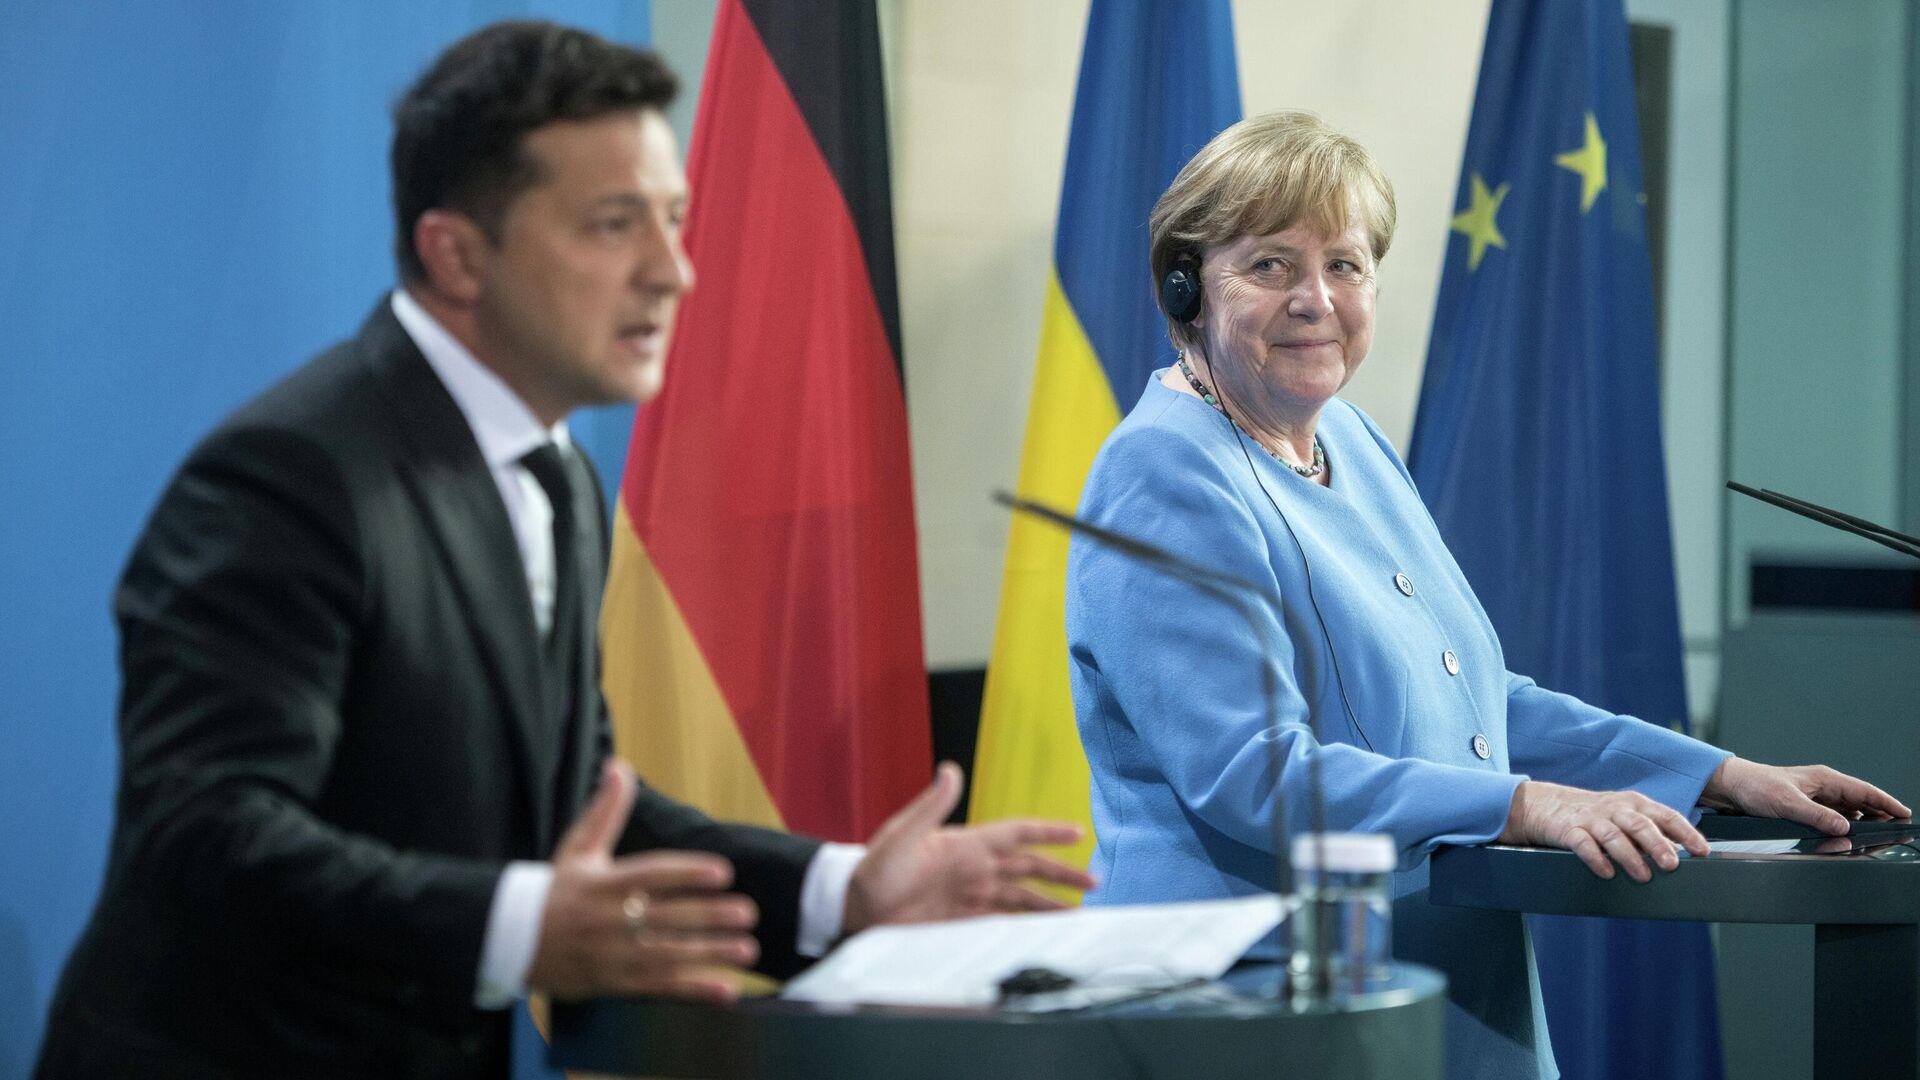 Меркель посетит Россию и Украину с разницей в два дня